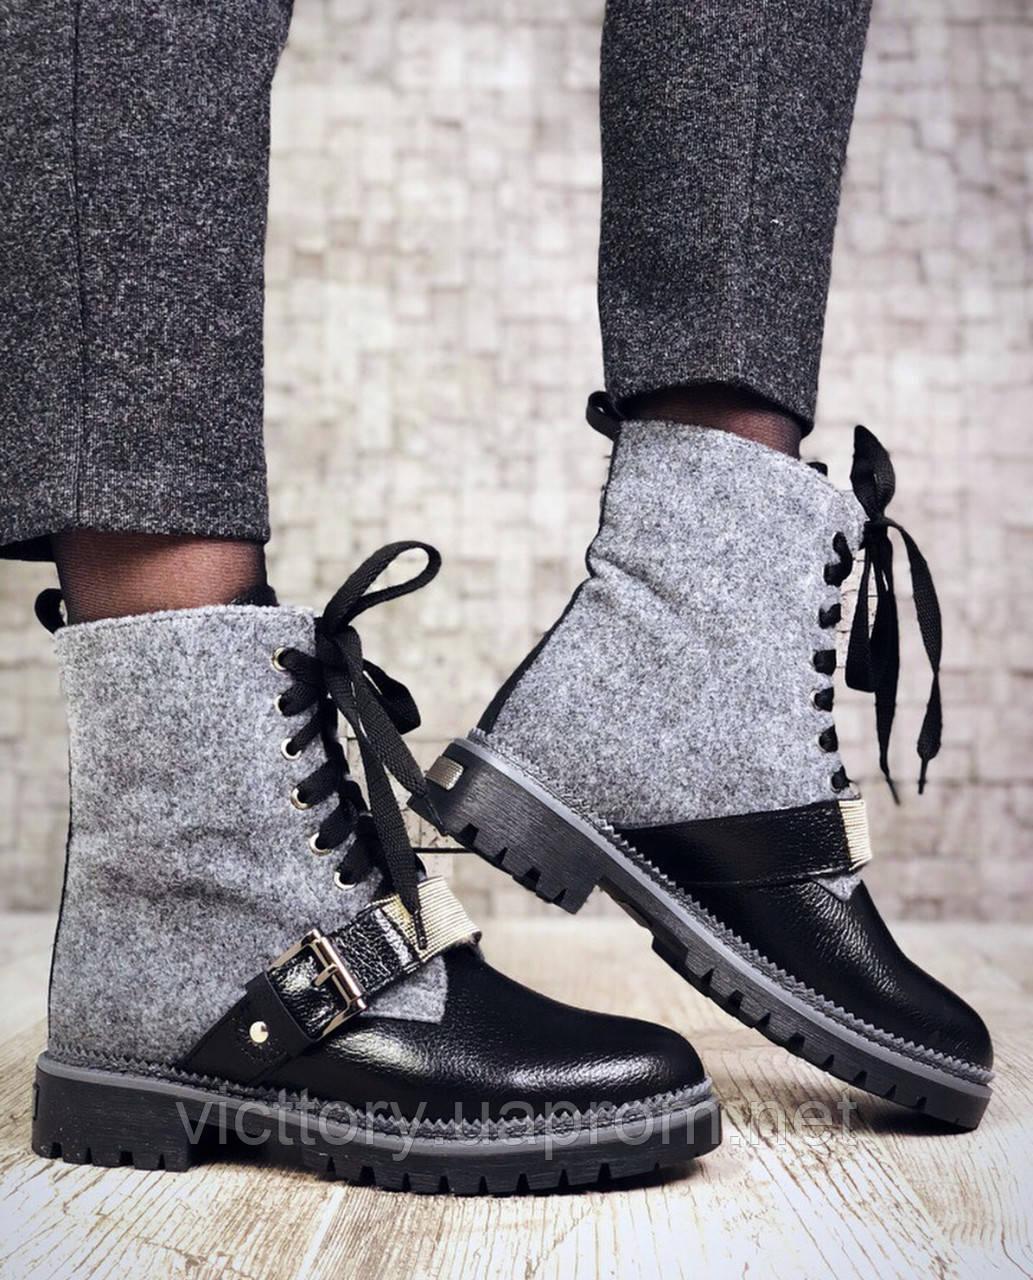 3a26c6429 Ботинки женские кожаные ЗИМА - Интернет магазин